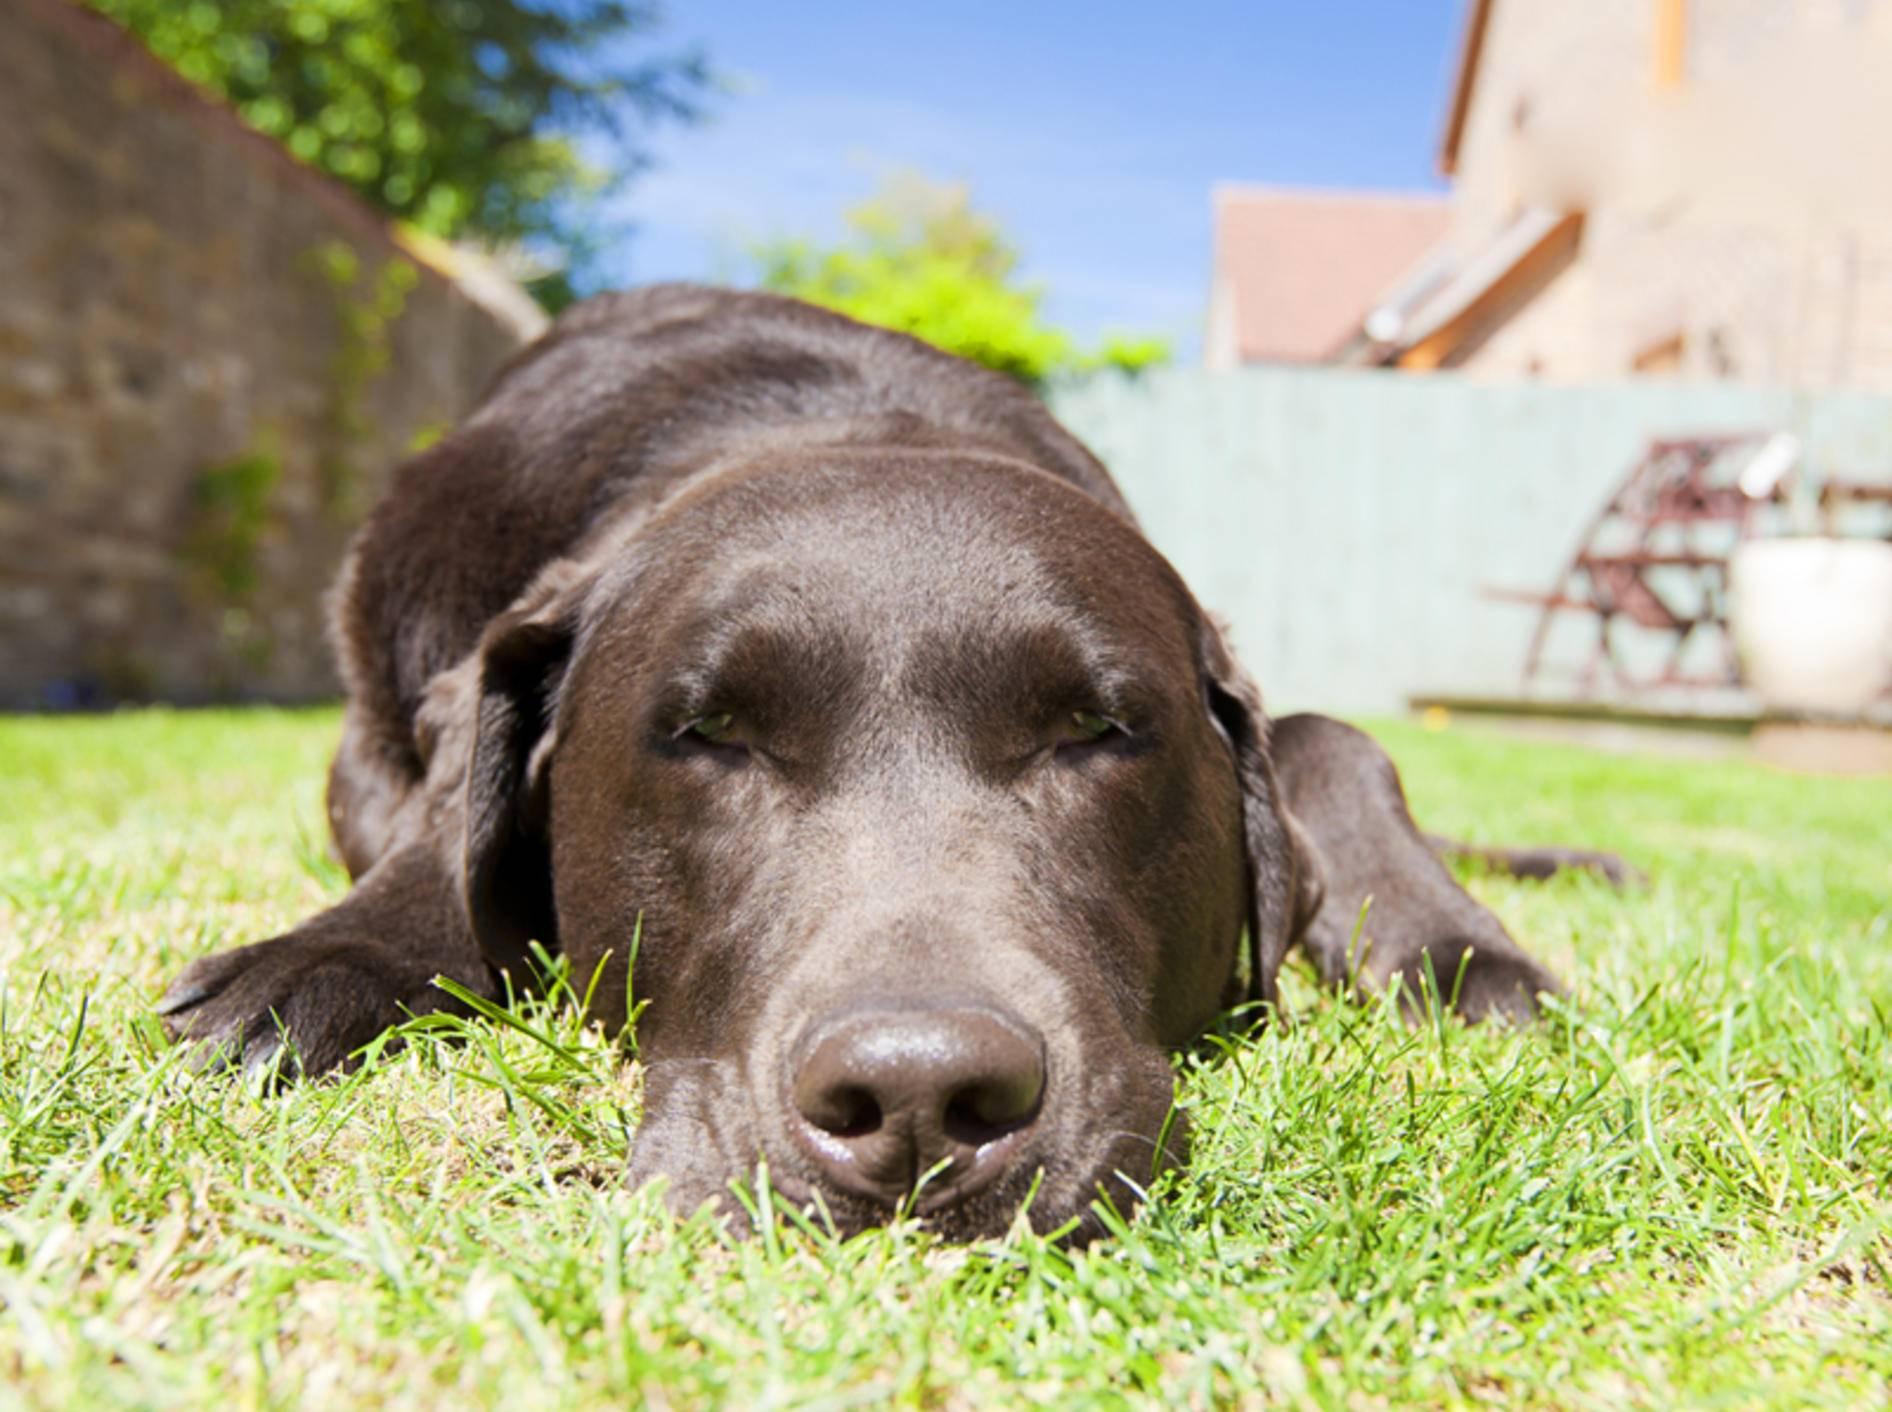 In der Sonne ist es zwar schön, aber für einen Hund nicht ungefährlich – Shutterstock / JPagetRFPhotos